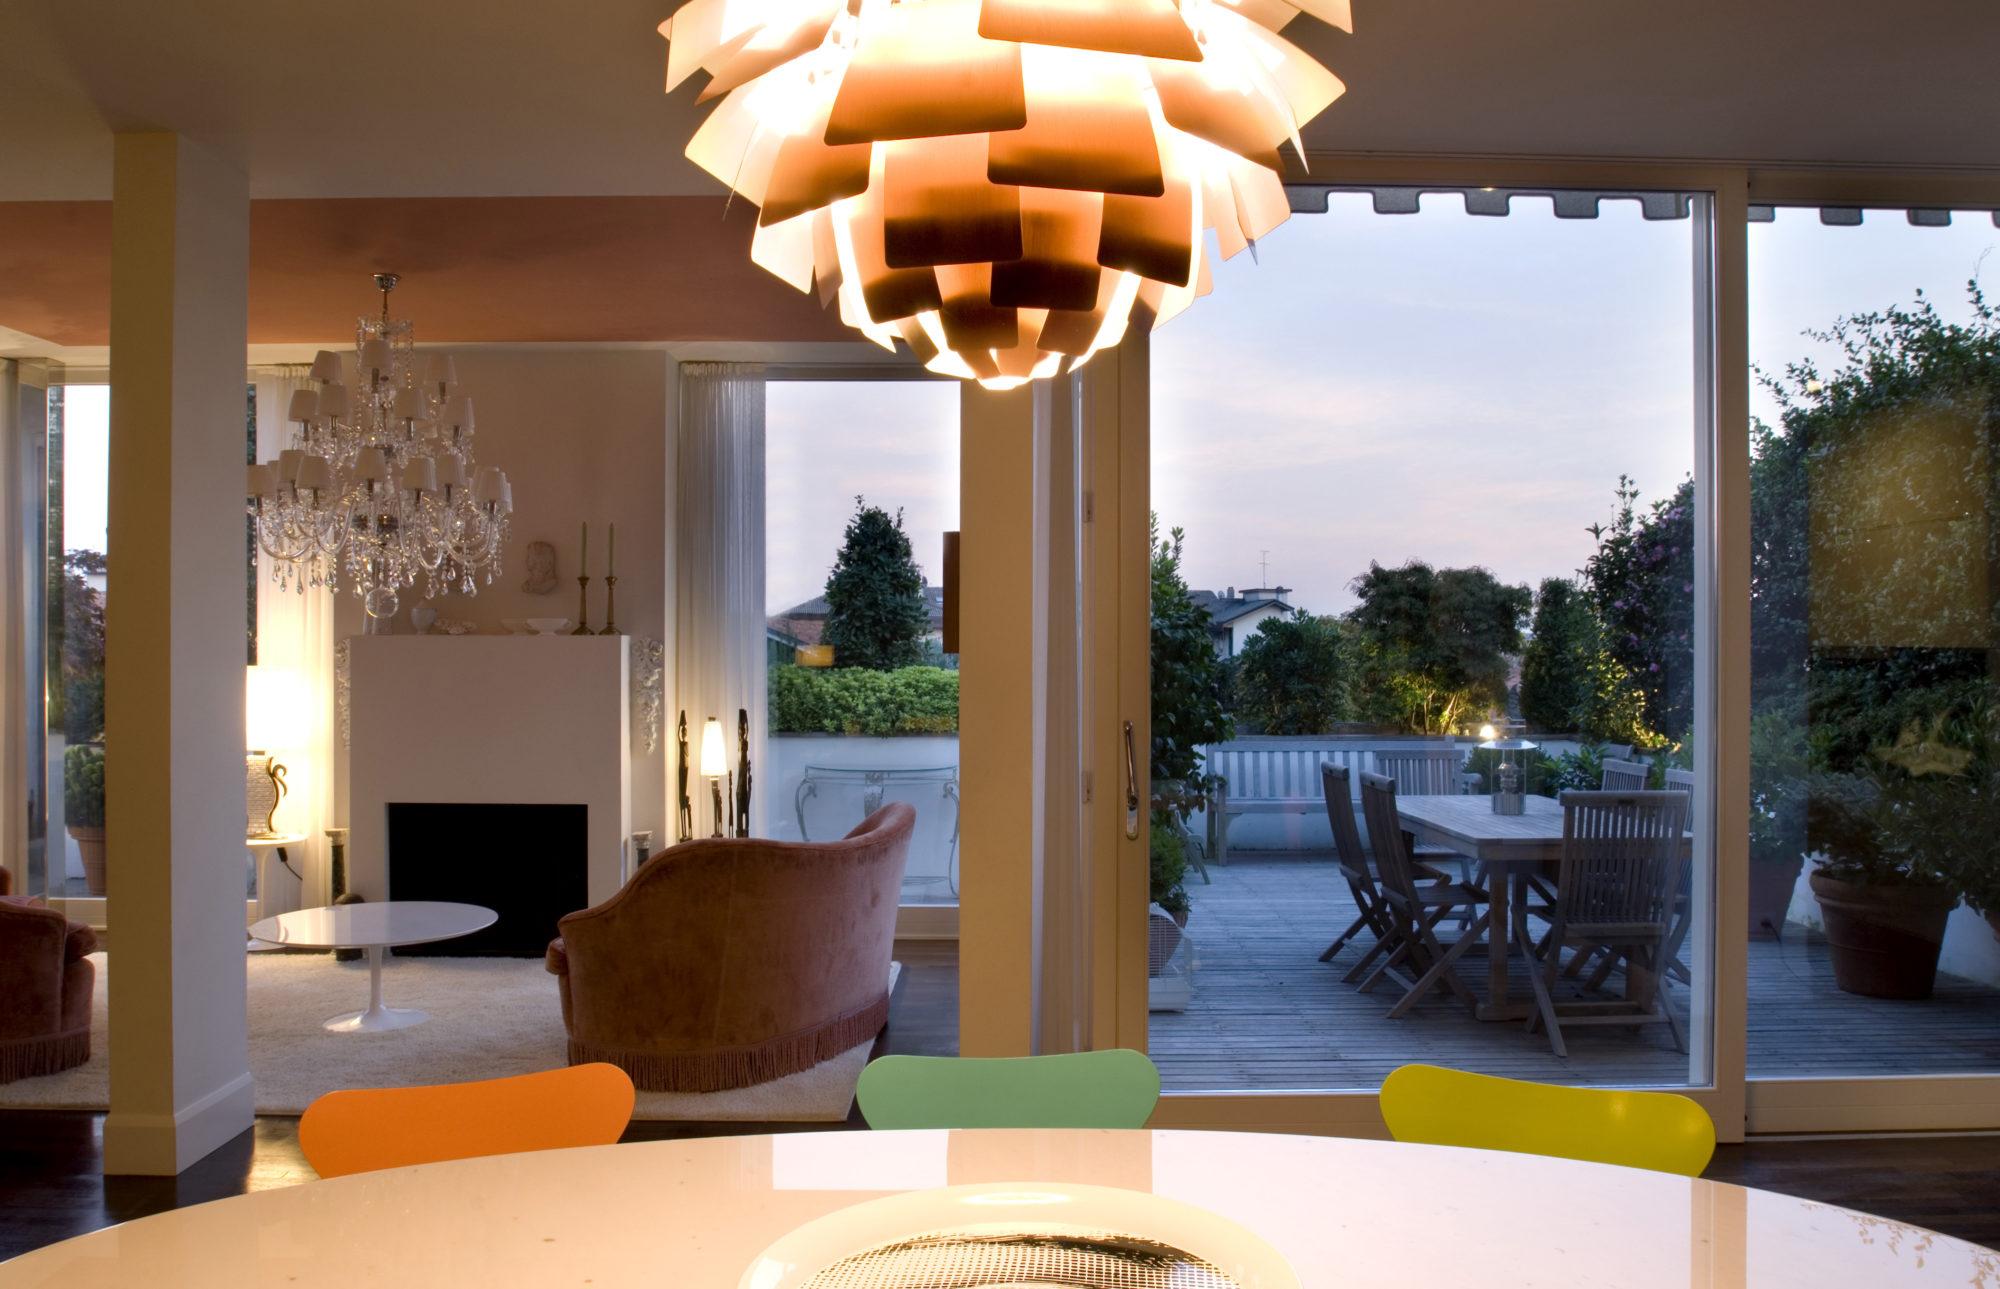 Casa dal bianco soggiorno e terrazza fotografo brescia for Arredamento casa brescia